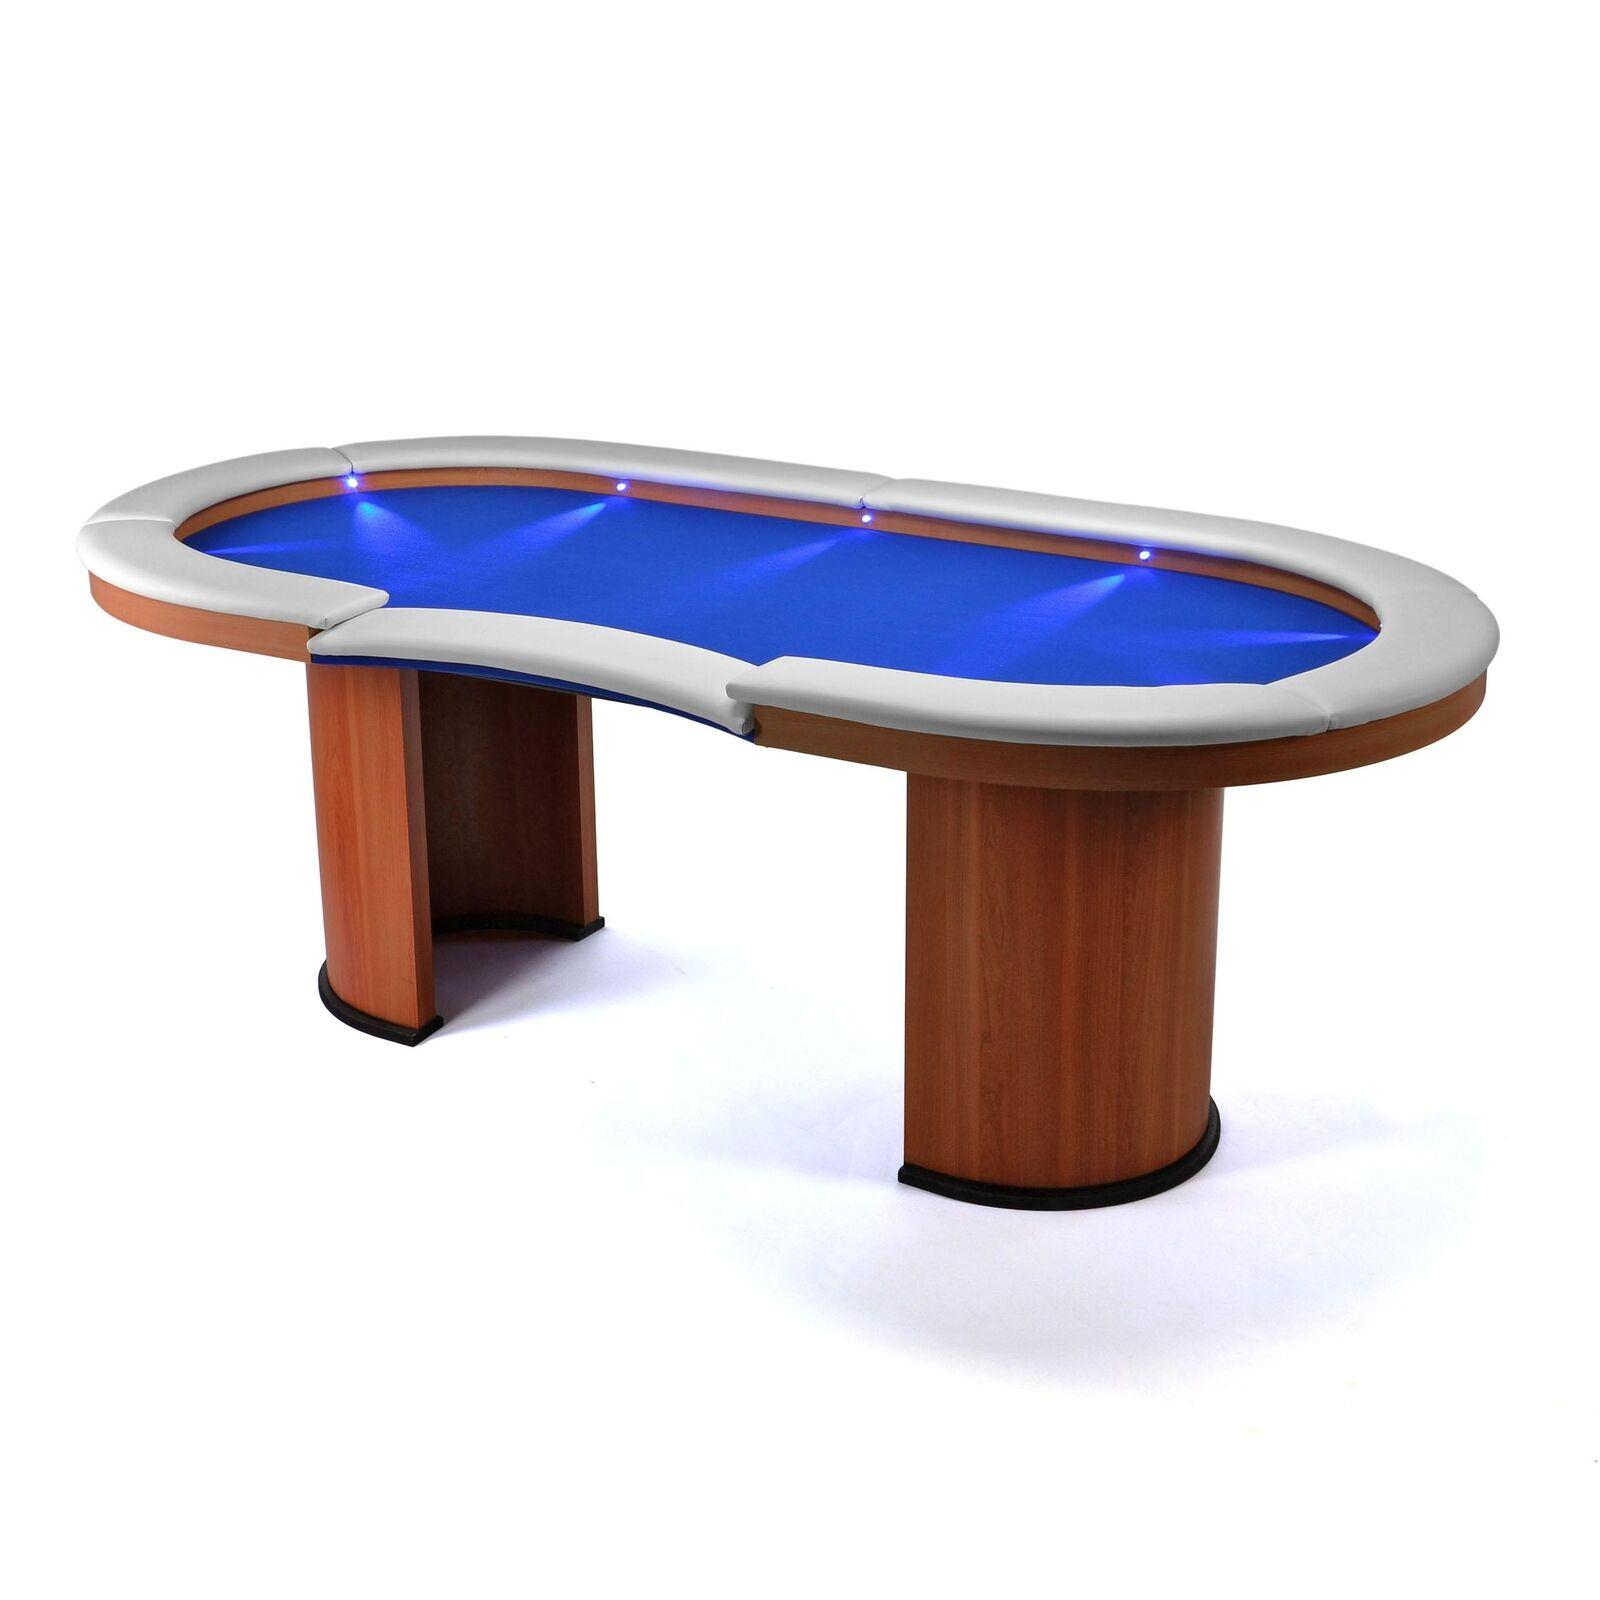 Beleuchteter Pokertisch massiv Casinotisch aus Holz 10 blaue LEDs für 10 Spieler